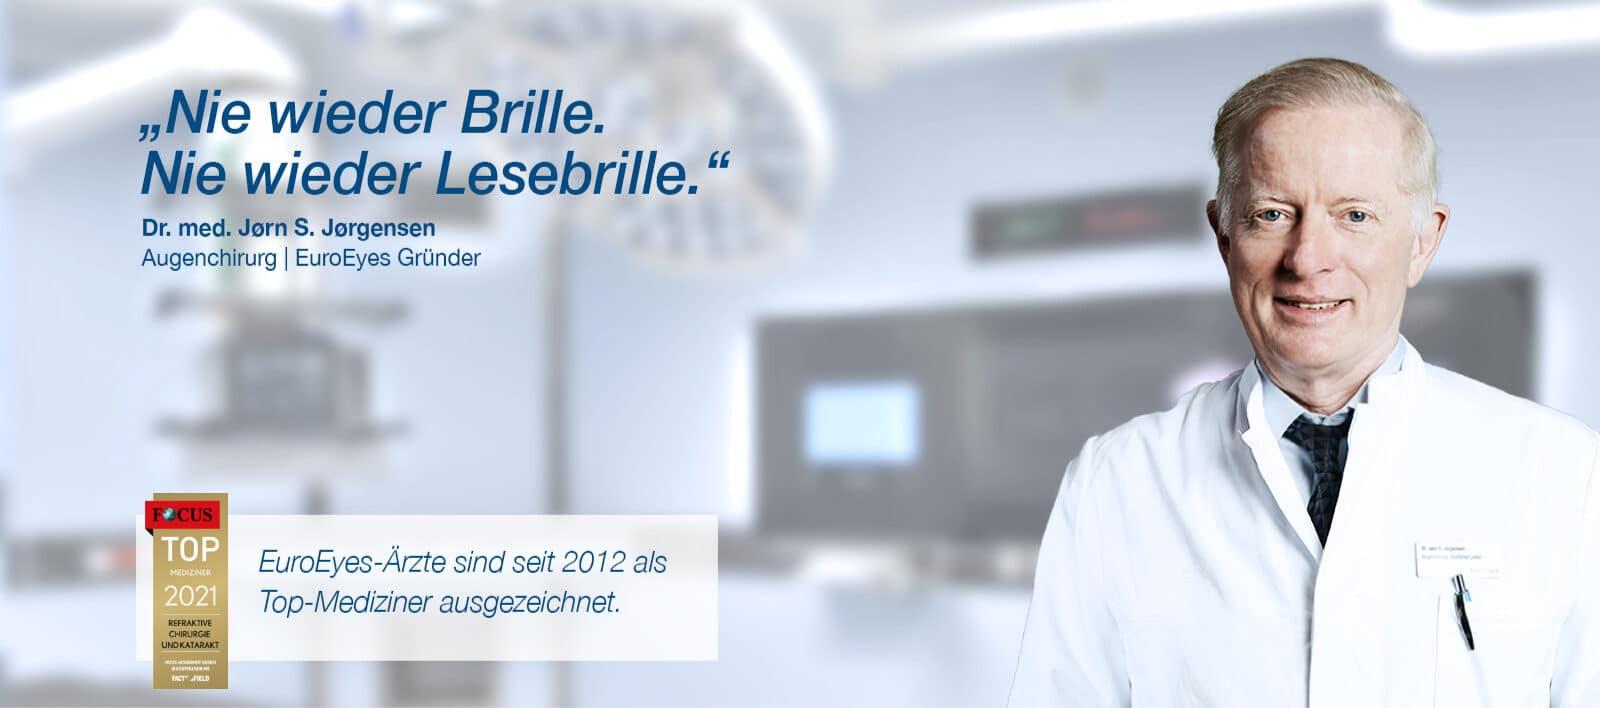 Augenchirurg Dr. med. Jørn Slot Jørgensen